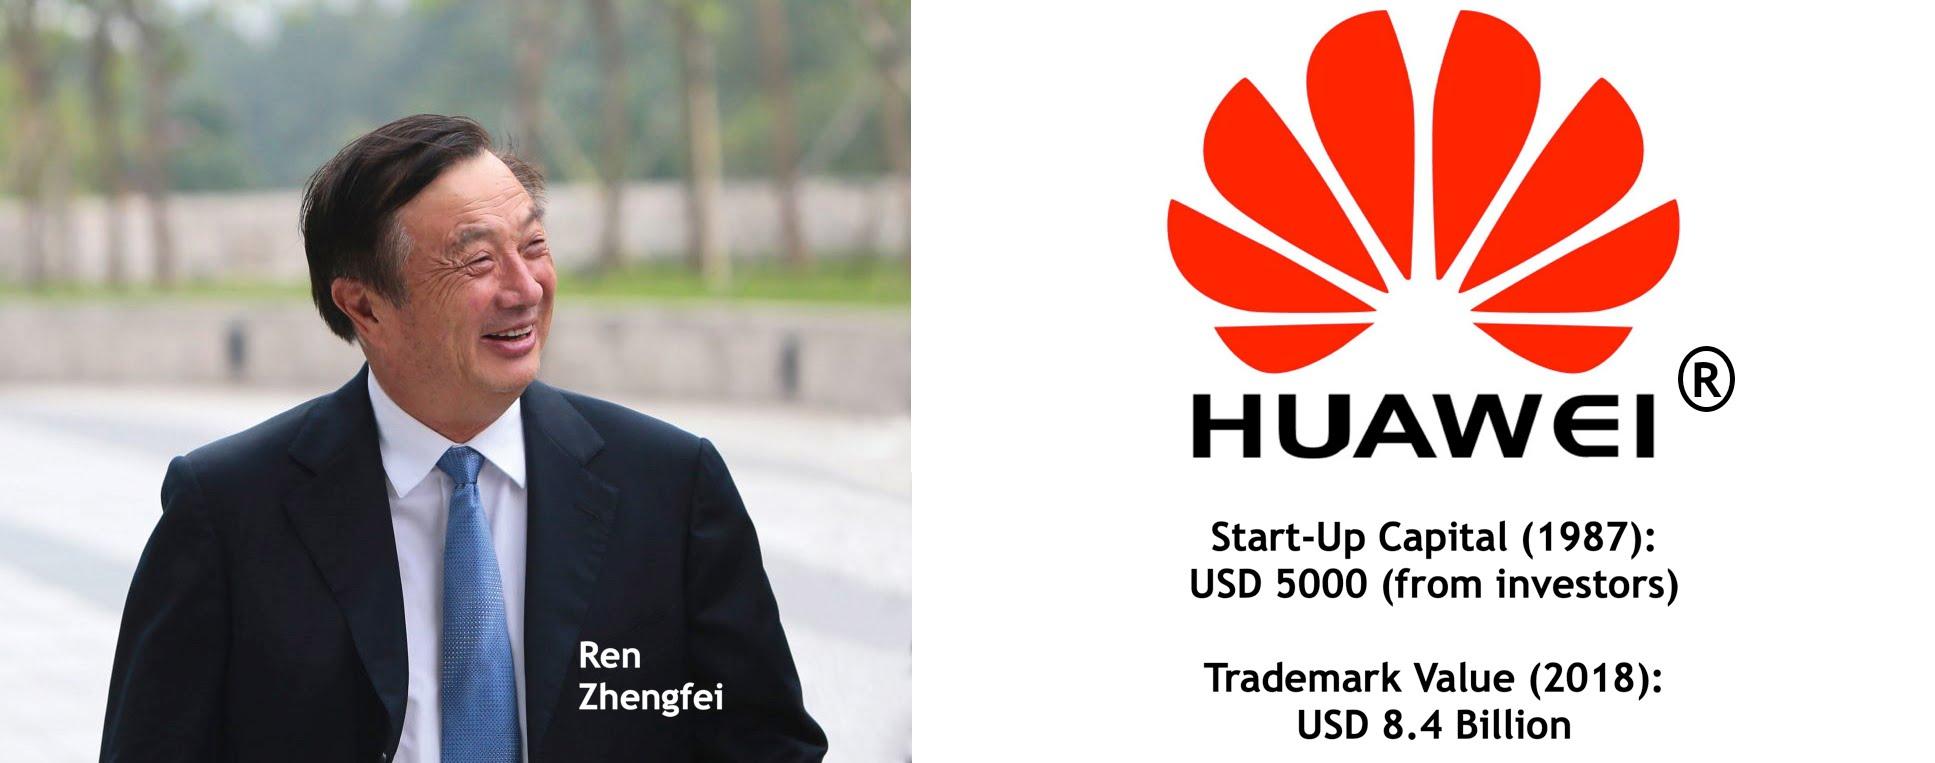 Ren Zhengfei Huawei Trademark Value